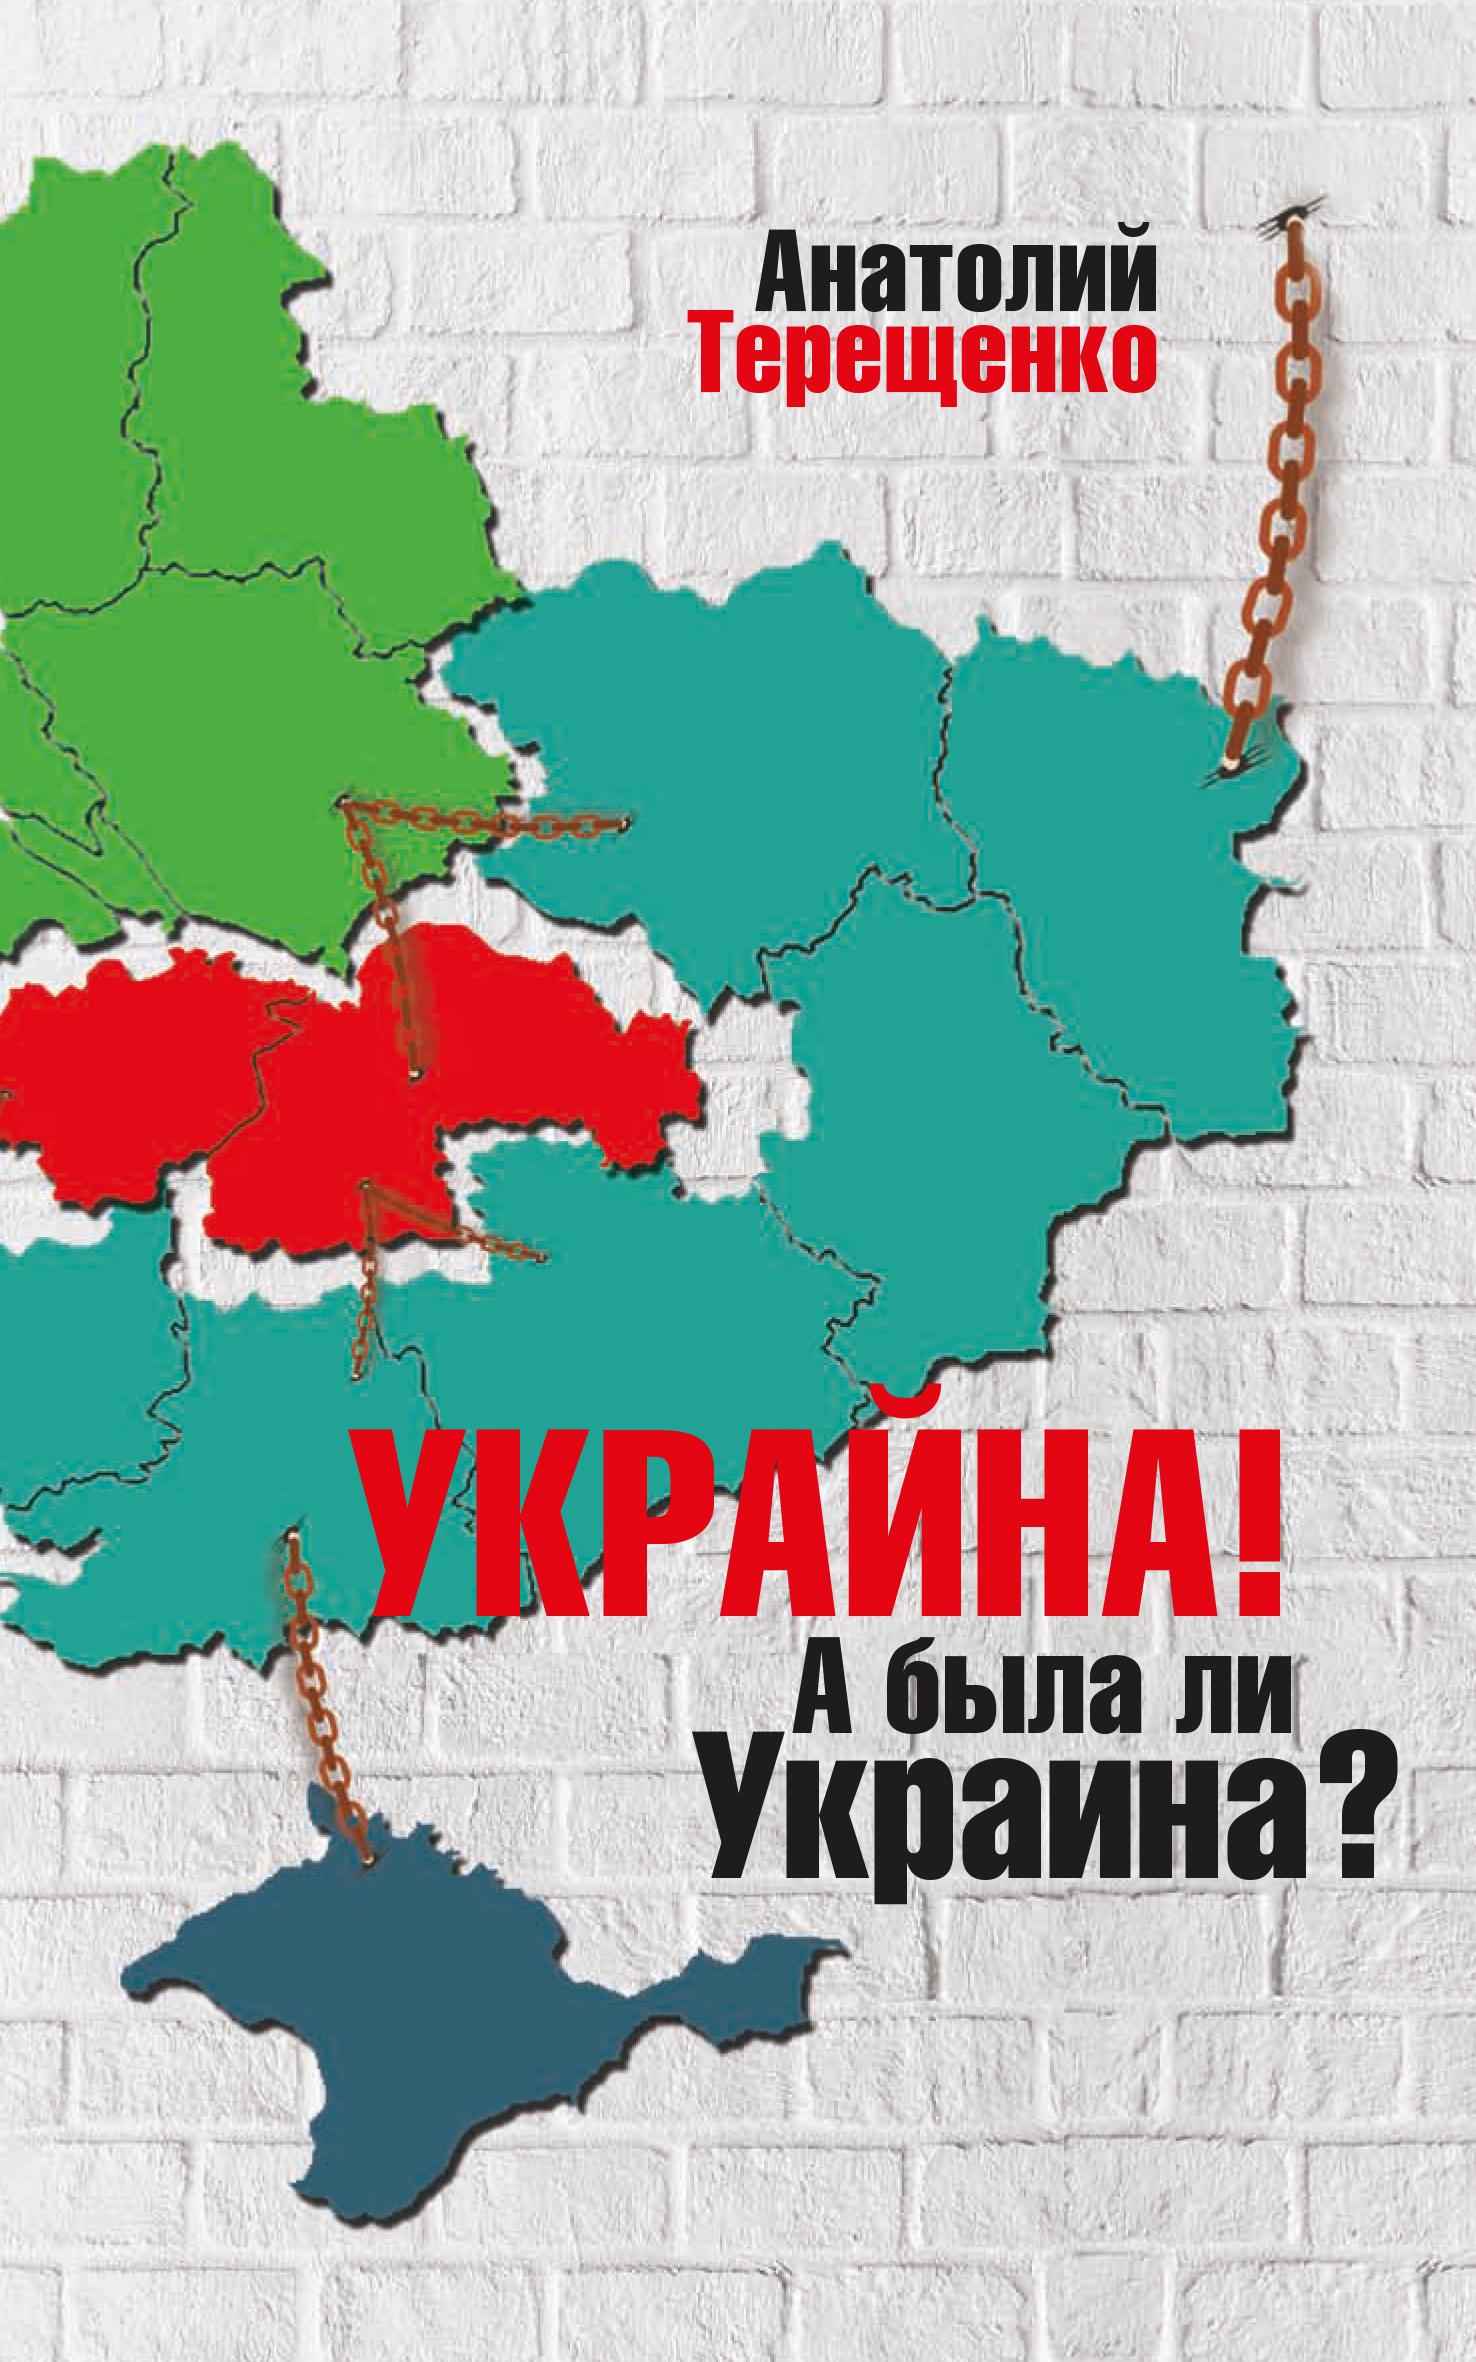 Анатолий Терещенко Украйна. А была ли Украина? фабричные вышиванки и юбки украина